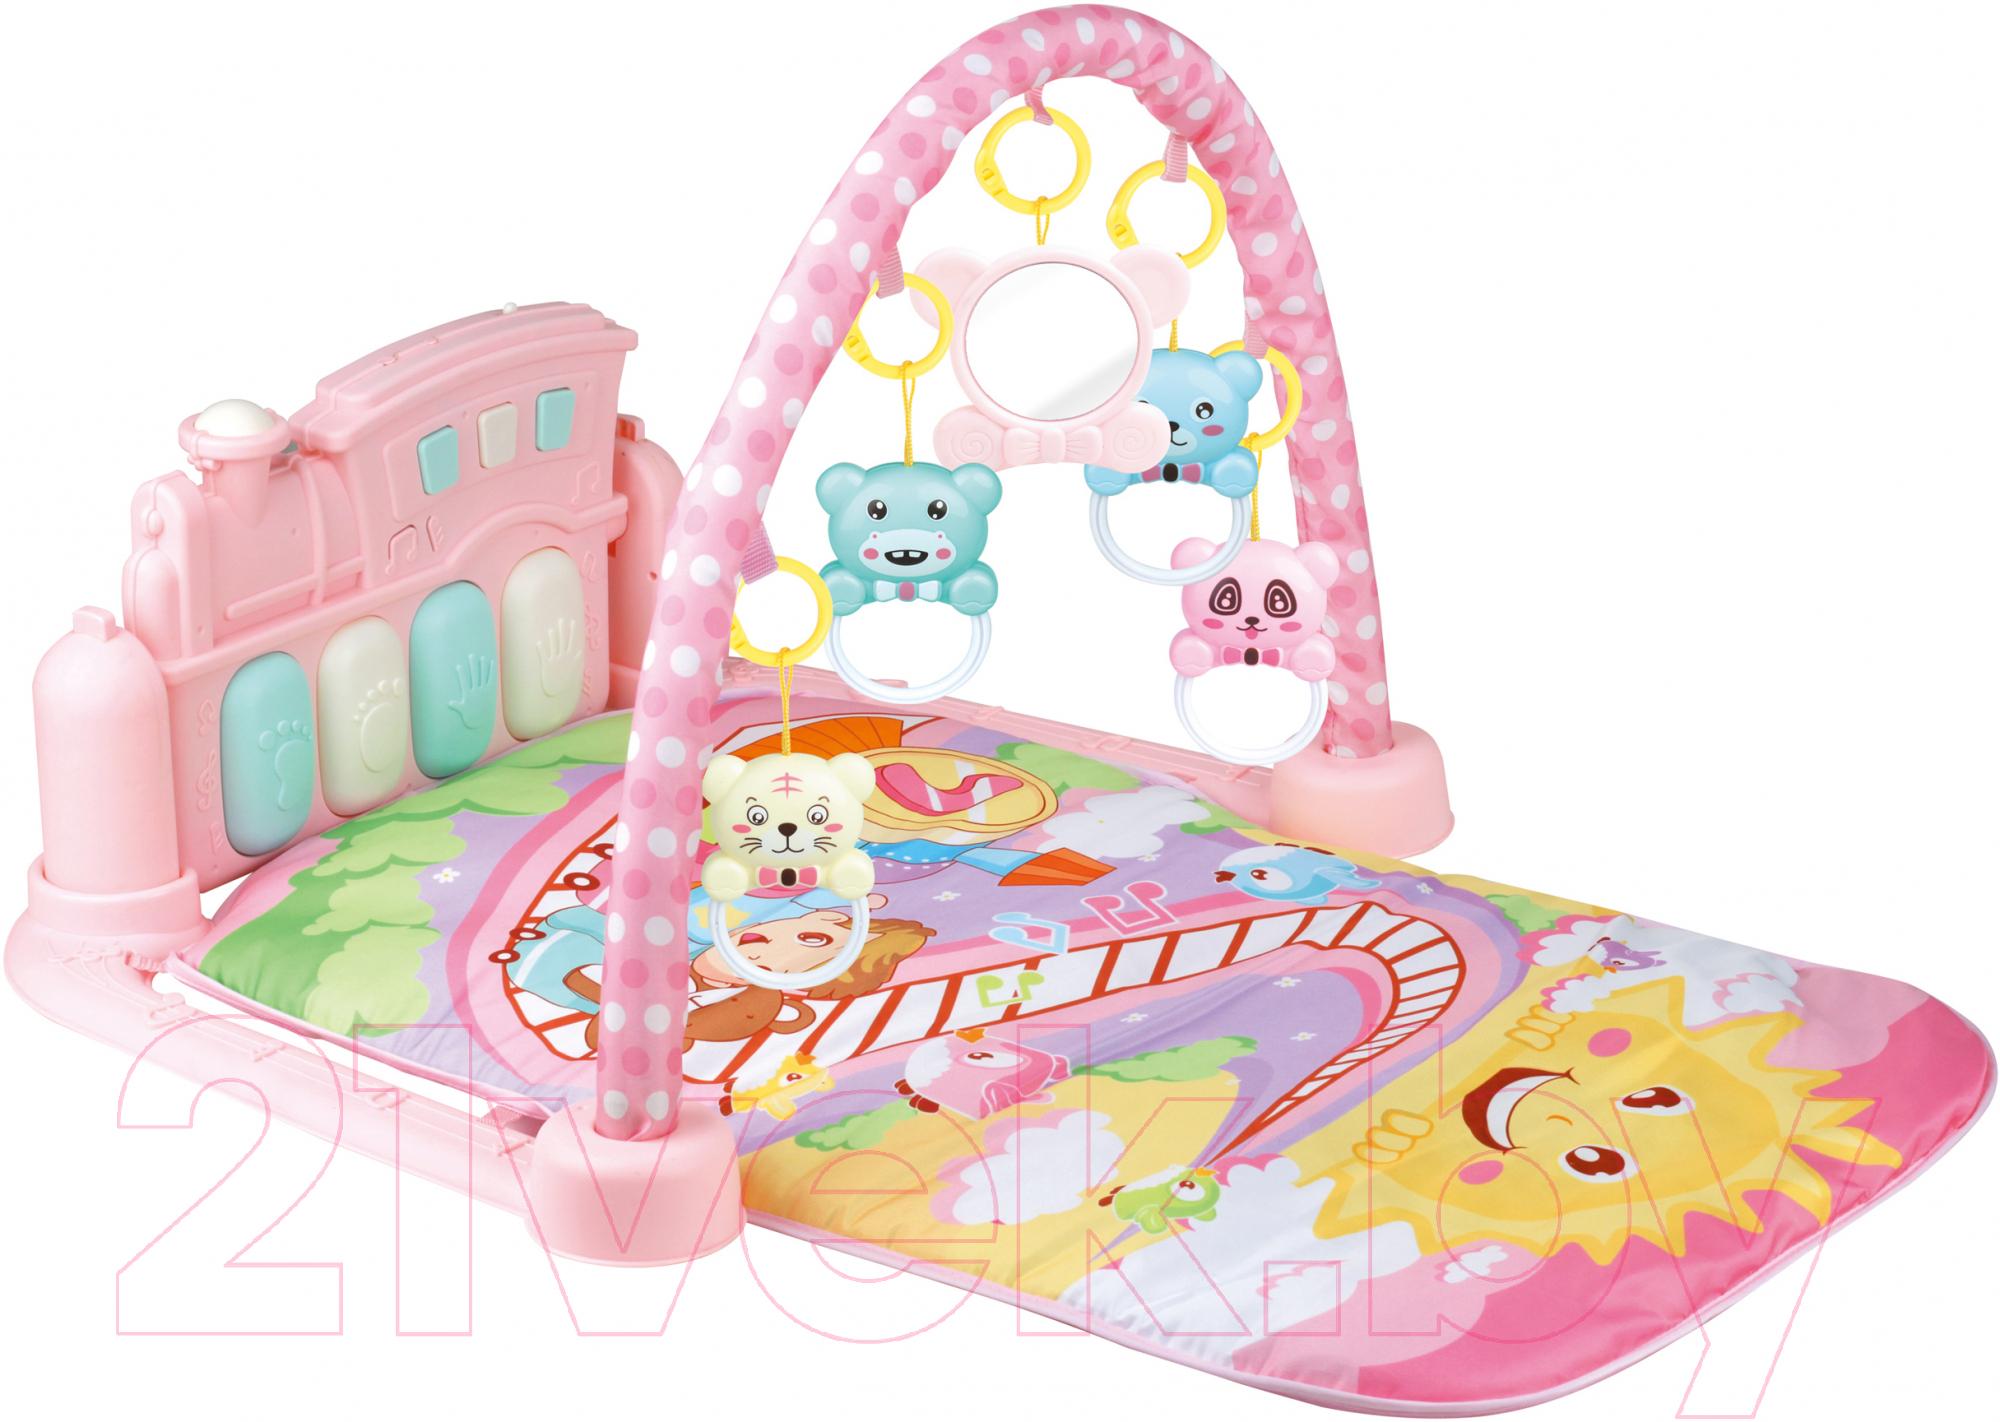 Купить Развивающий коврик Sundays, Музыкальный / 223205 (розовый), Китай, пластик